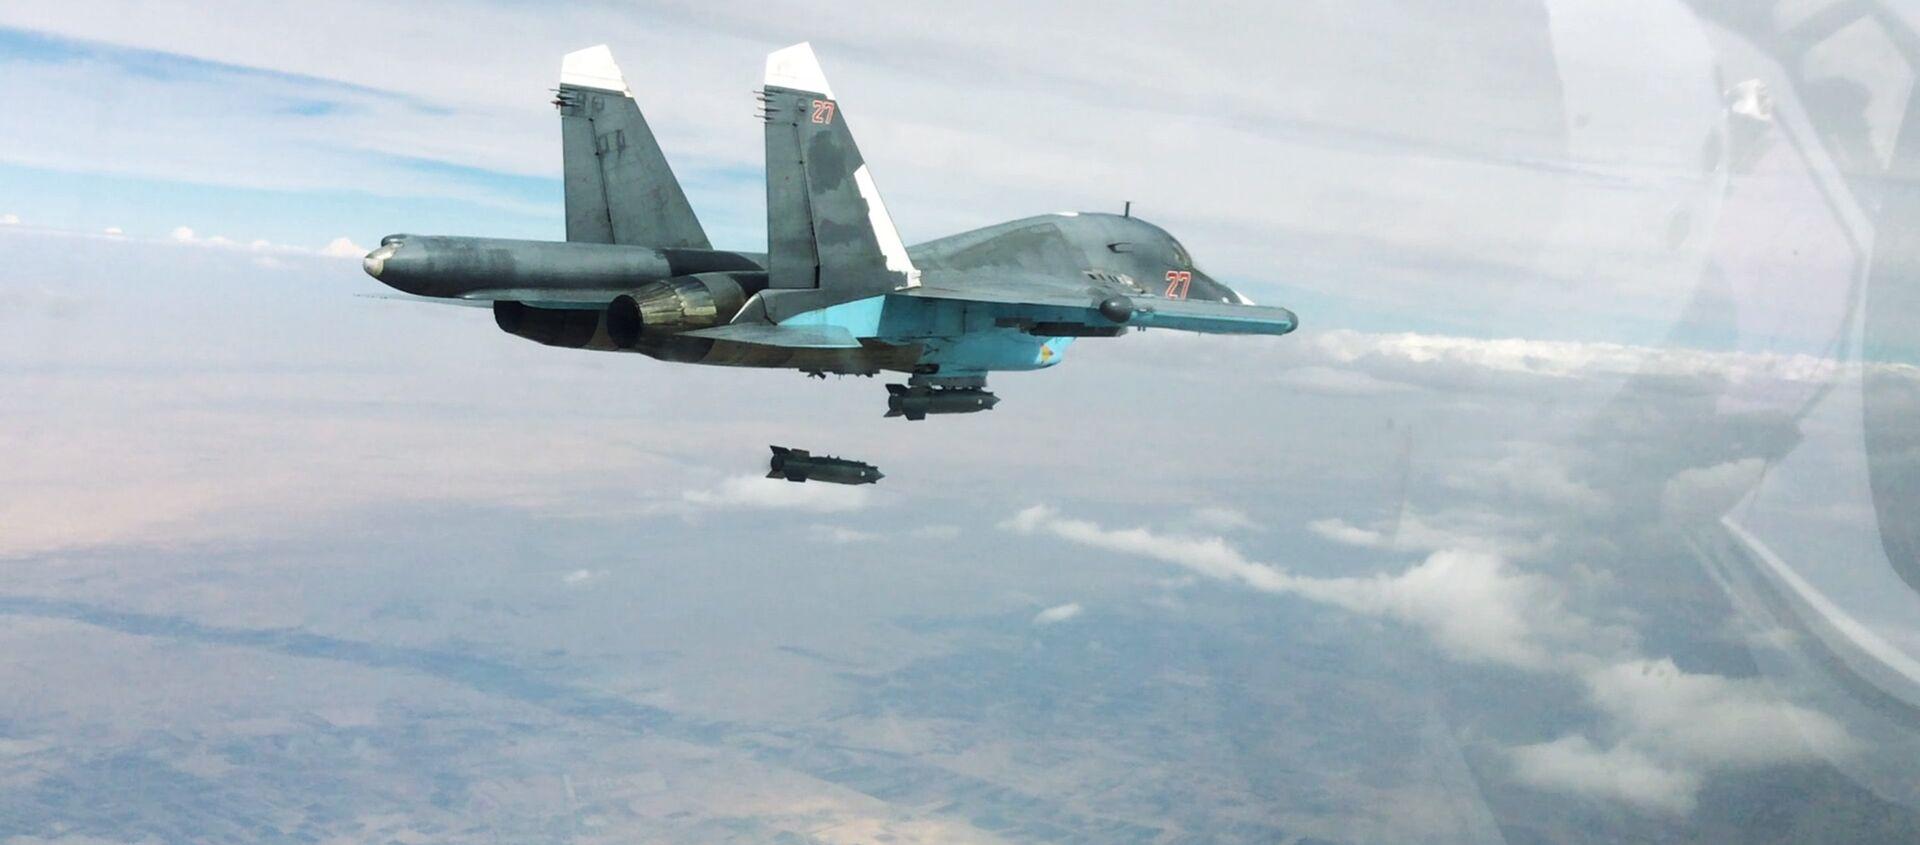 Un Su-34 ruso lanza una bomba (imagen referencial) - Sputnik Mundo, 1920, 01.11.2018